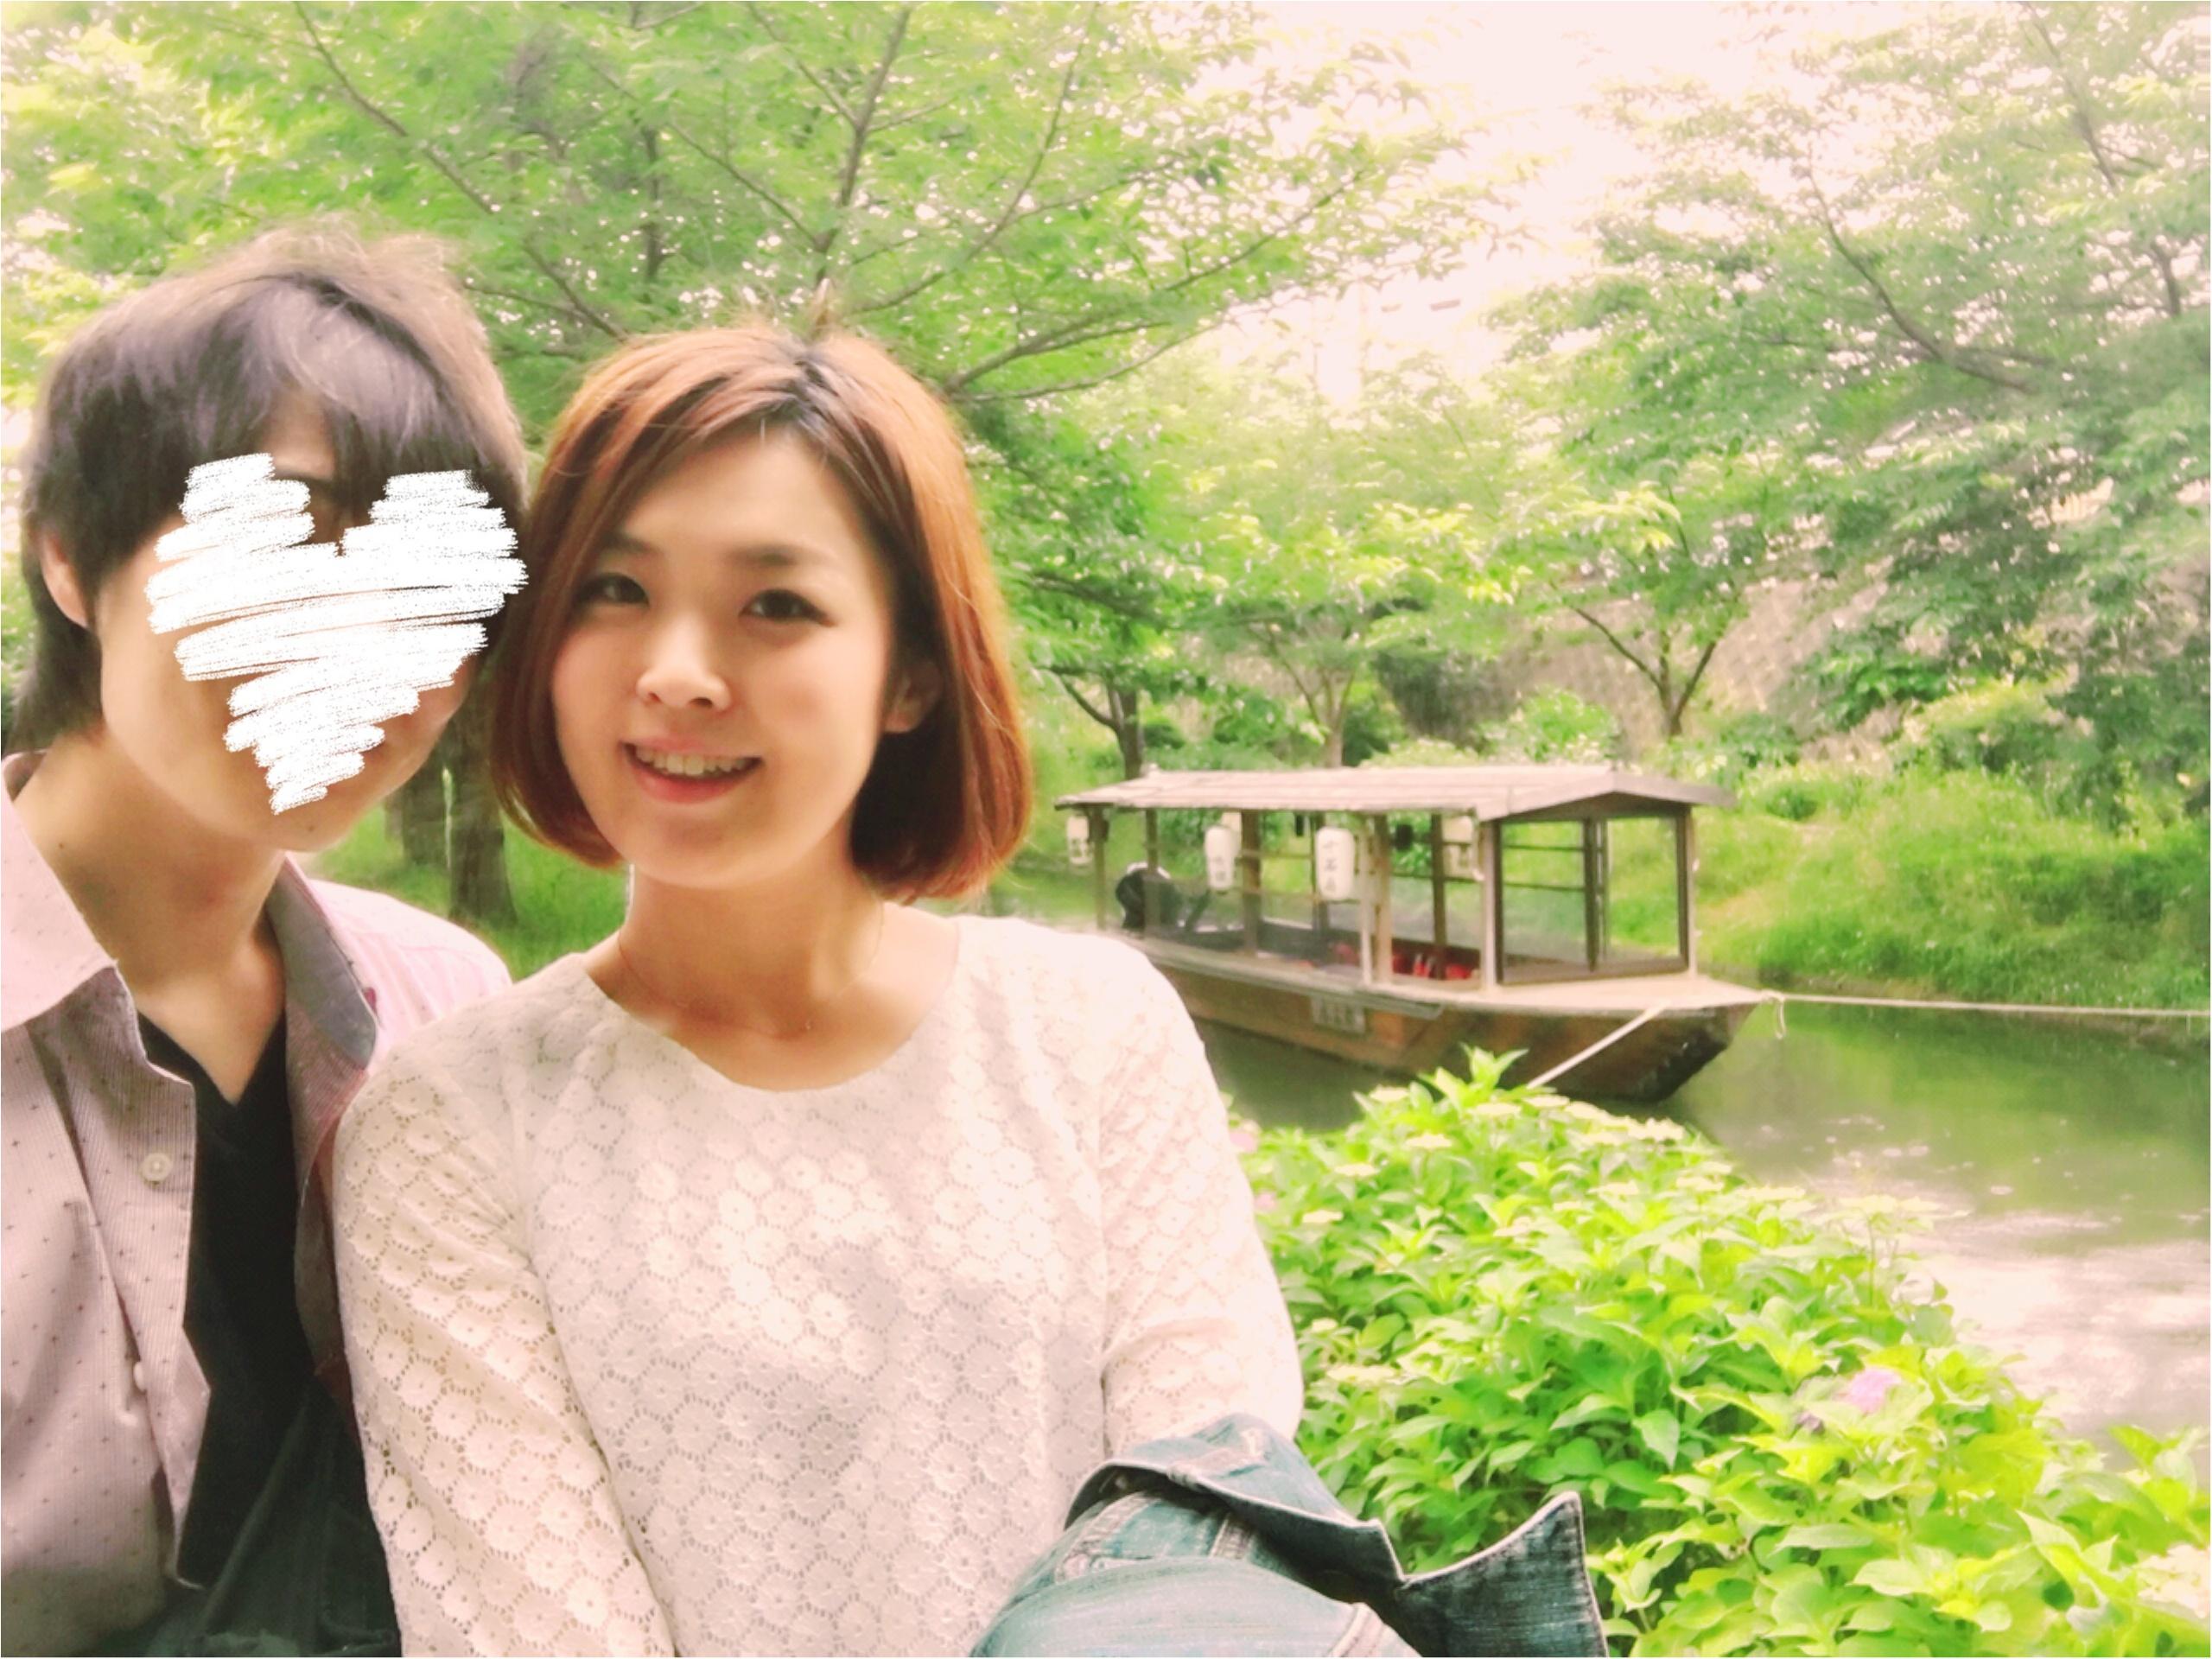 【京都TRIP✳︎】京都に来たなら絶対行くべし!伏見十石舟でゆらゆら♪まったりデート♡_4